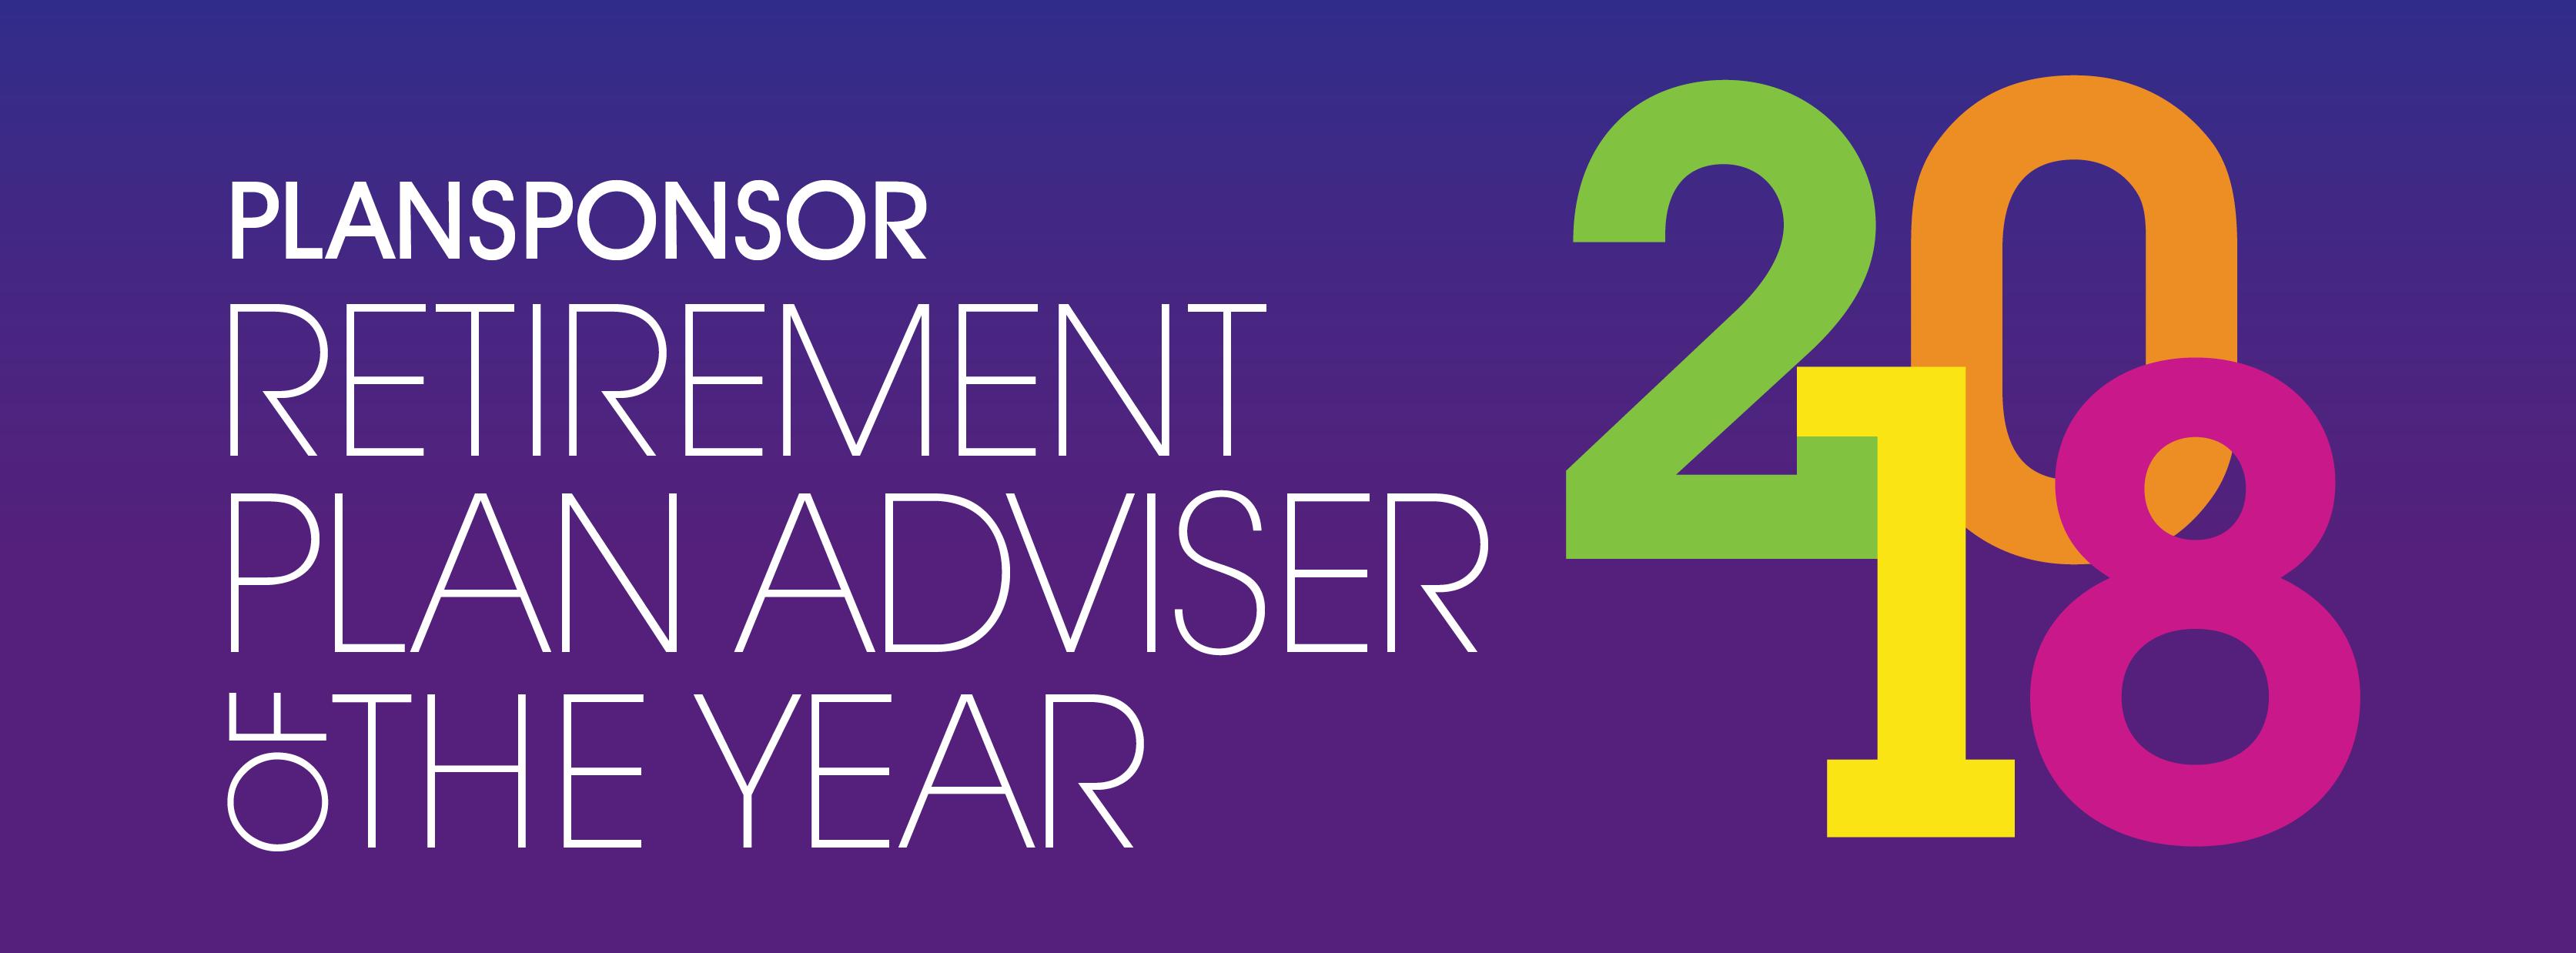 2018 PLANSPONSOR Retirement Plan Adviser of the Year